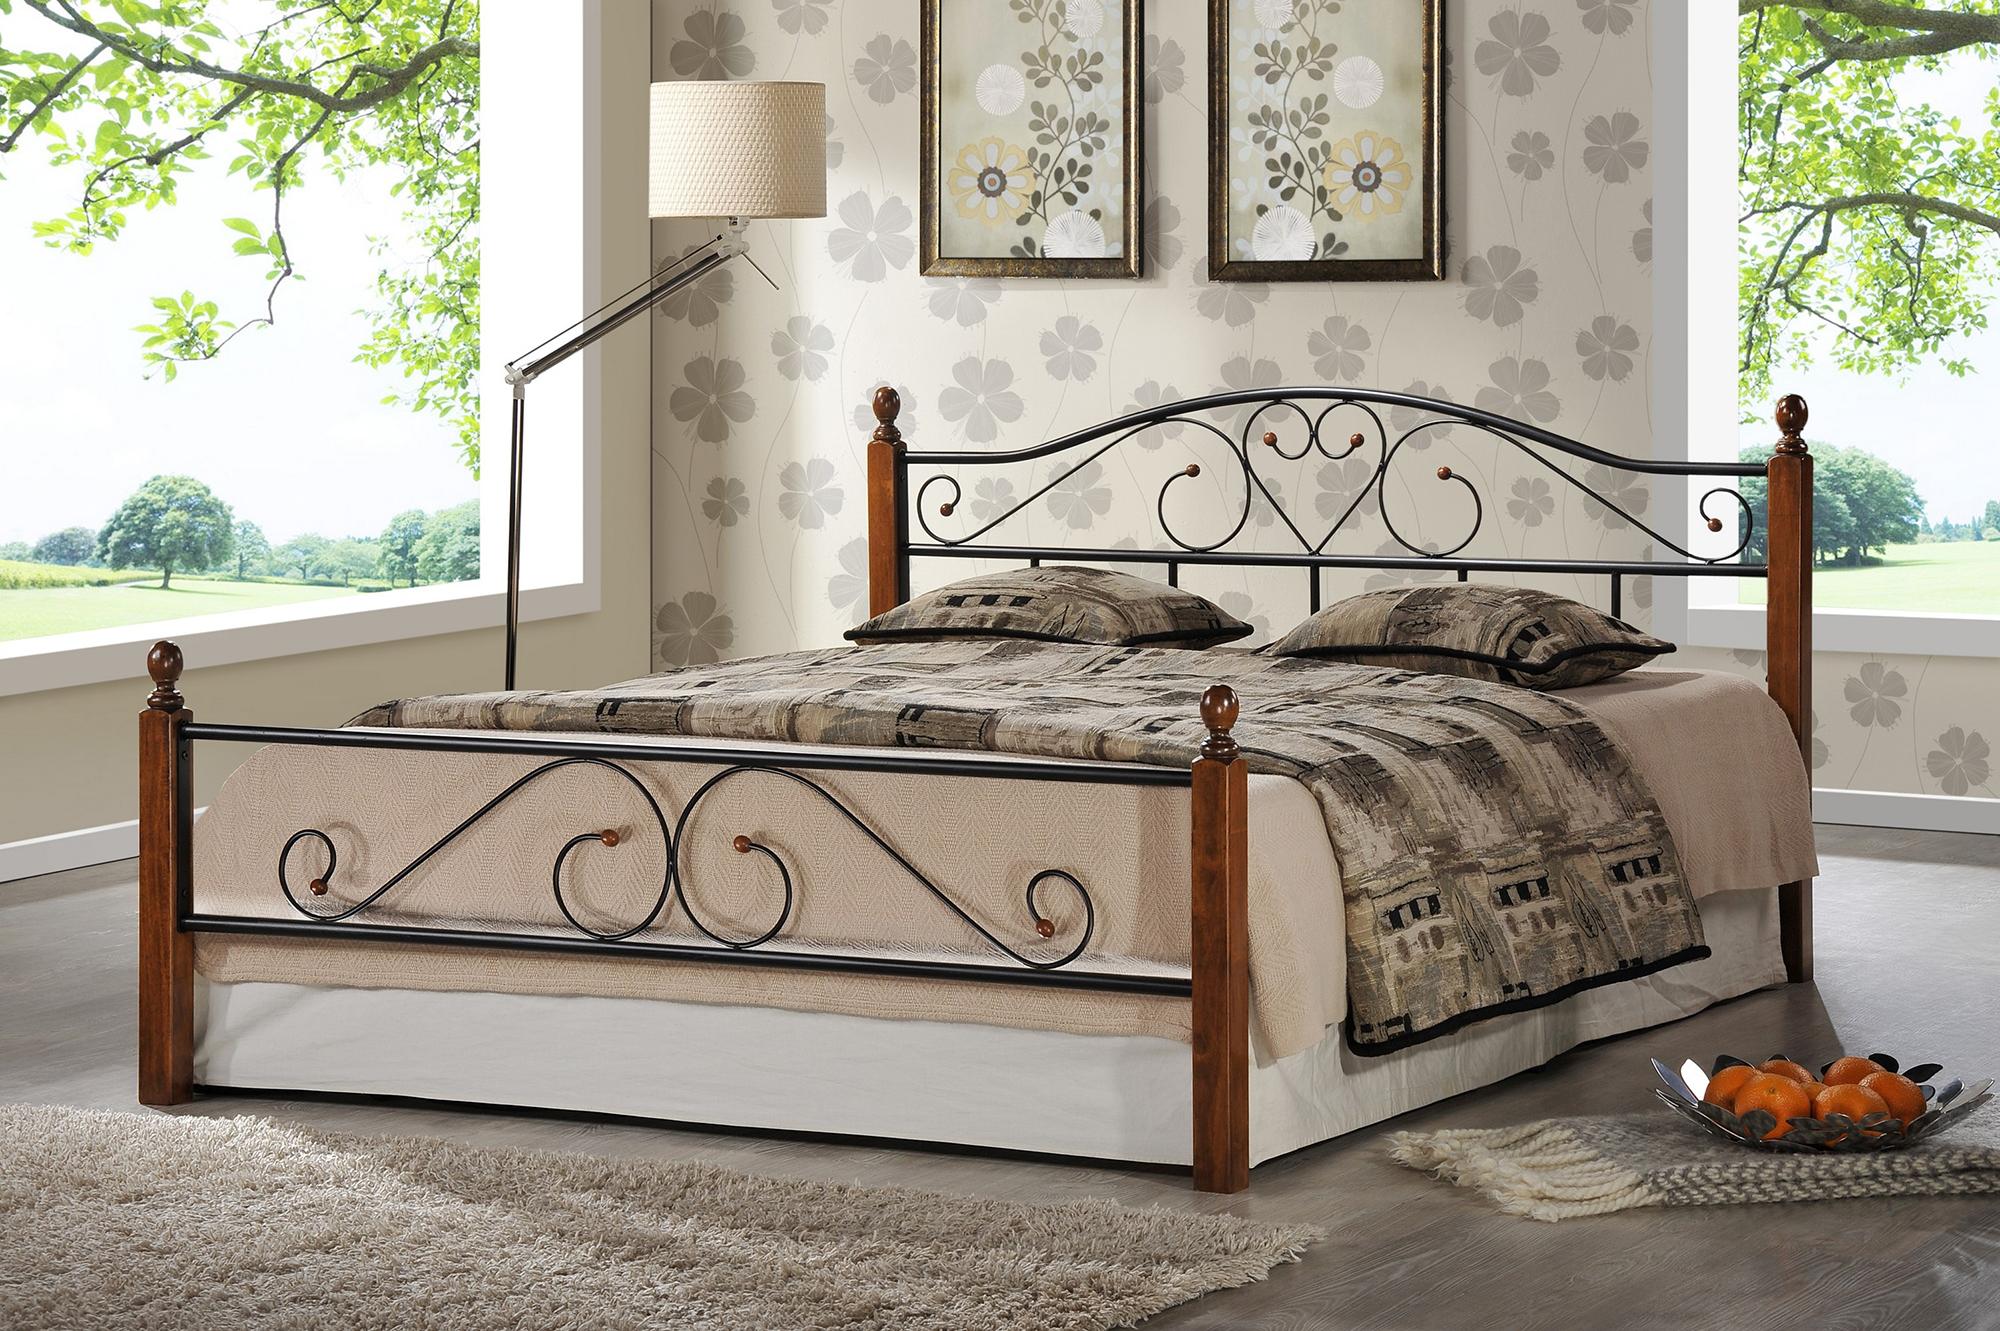 Черно-коричневая кованая кровать из металла и дерева